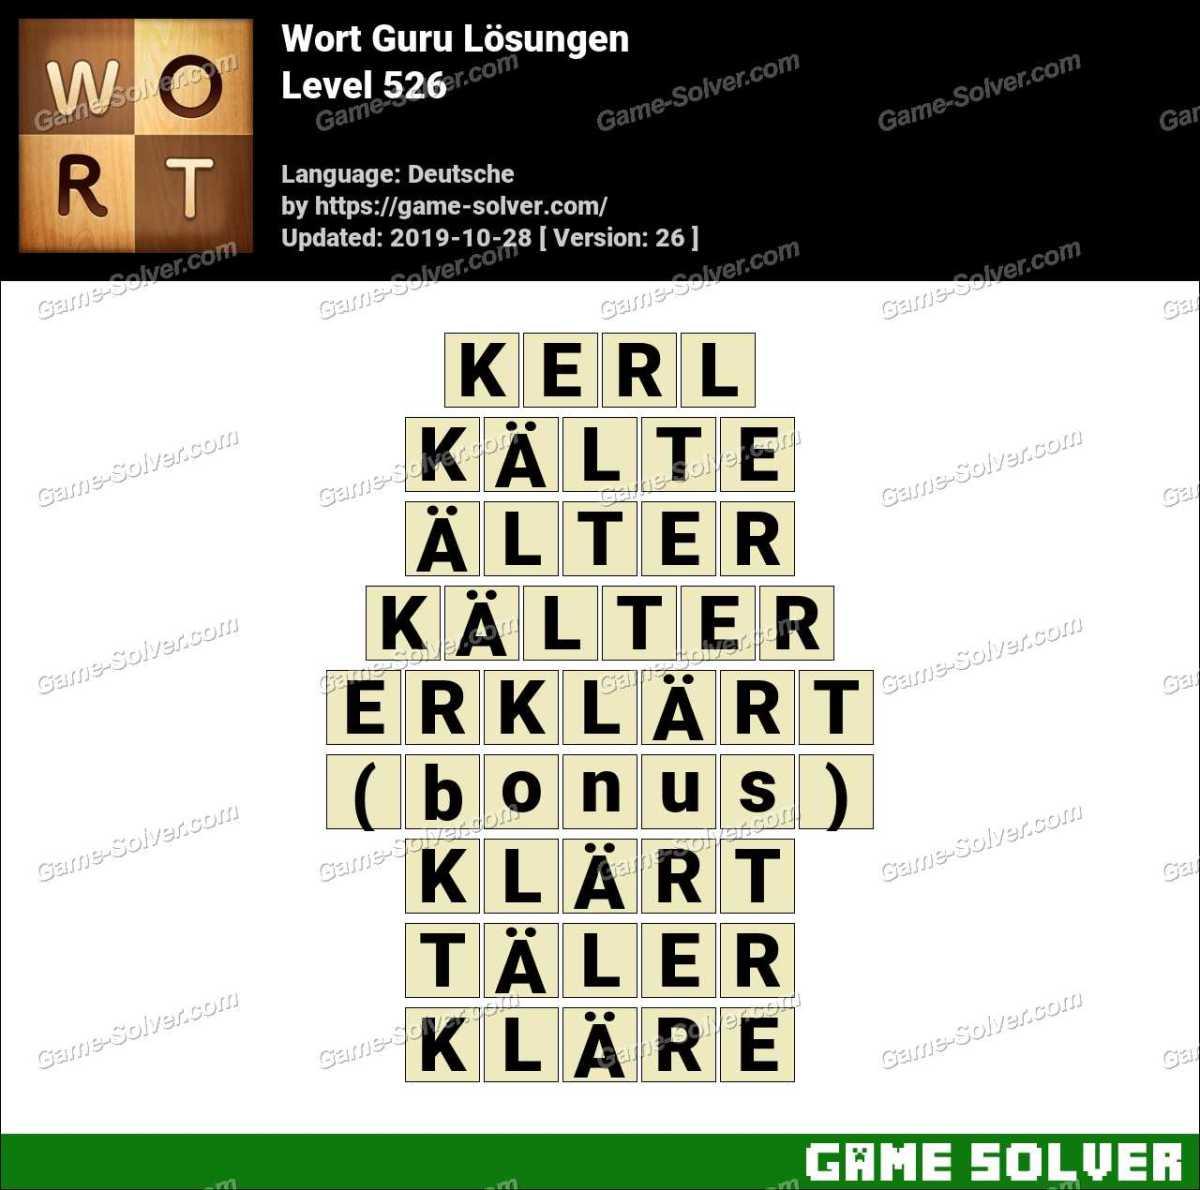 Wort Guru Level 526 Lösungen